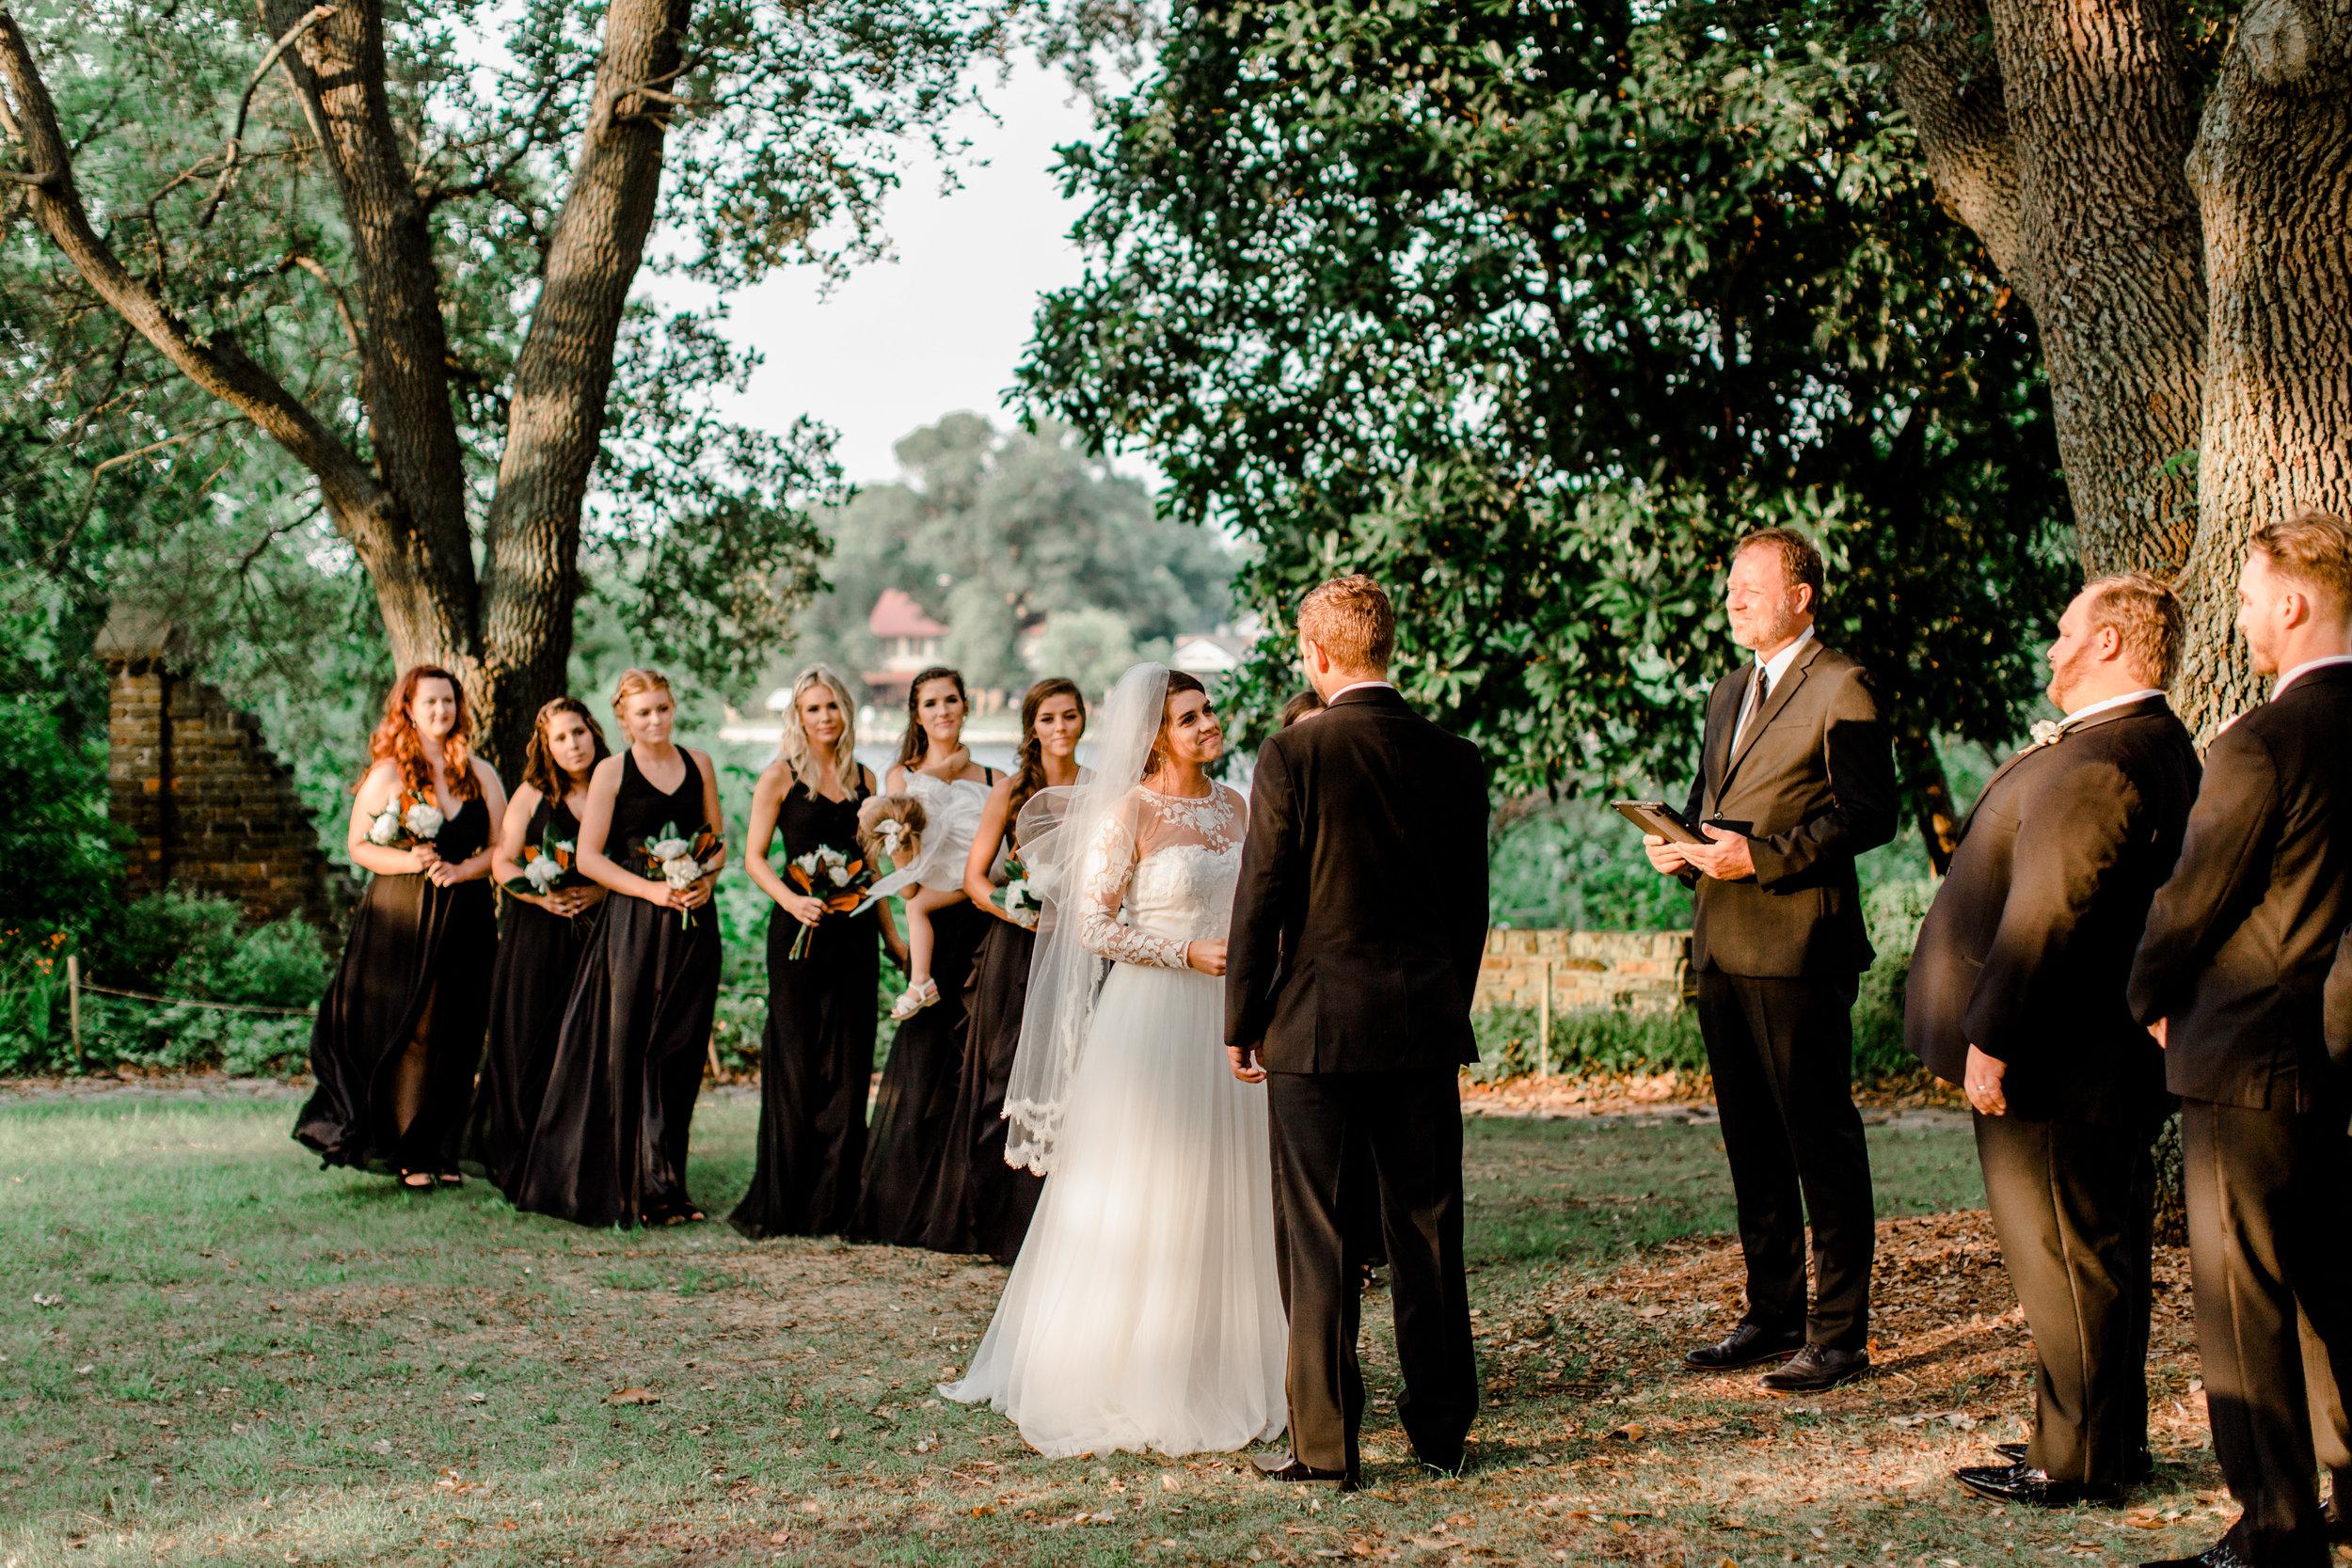 chelseaandrich_wedding (944 of 1488).jpg